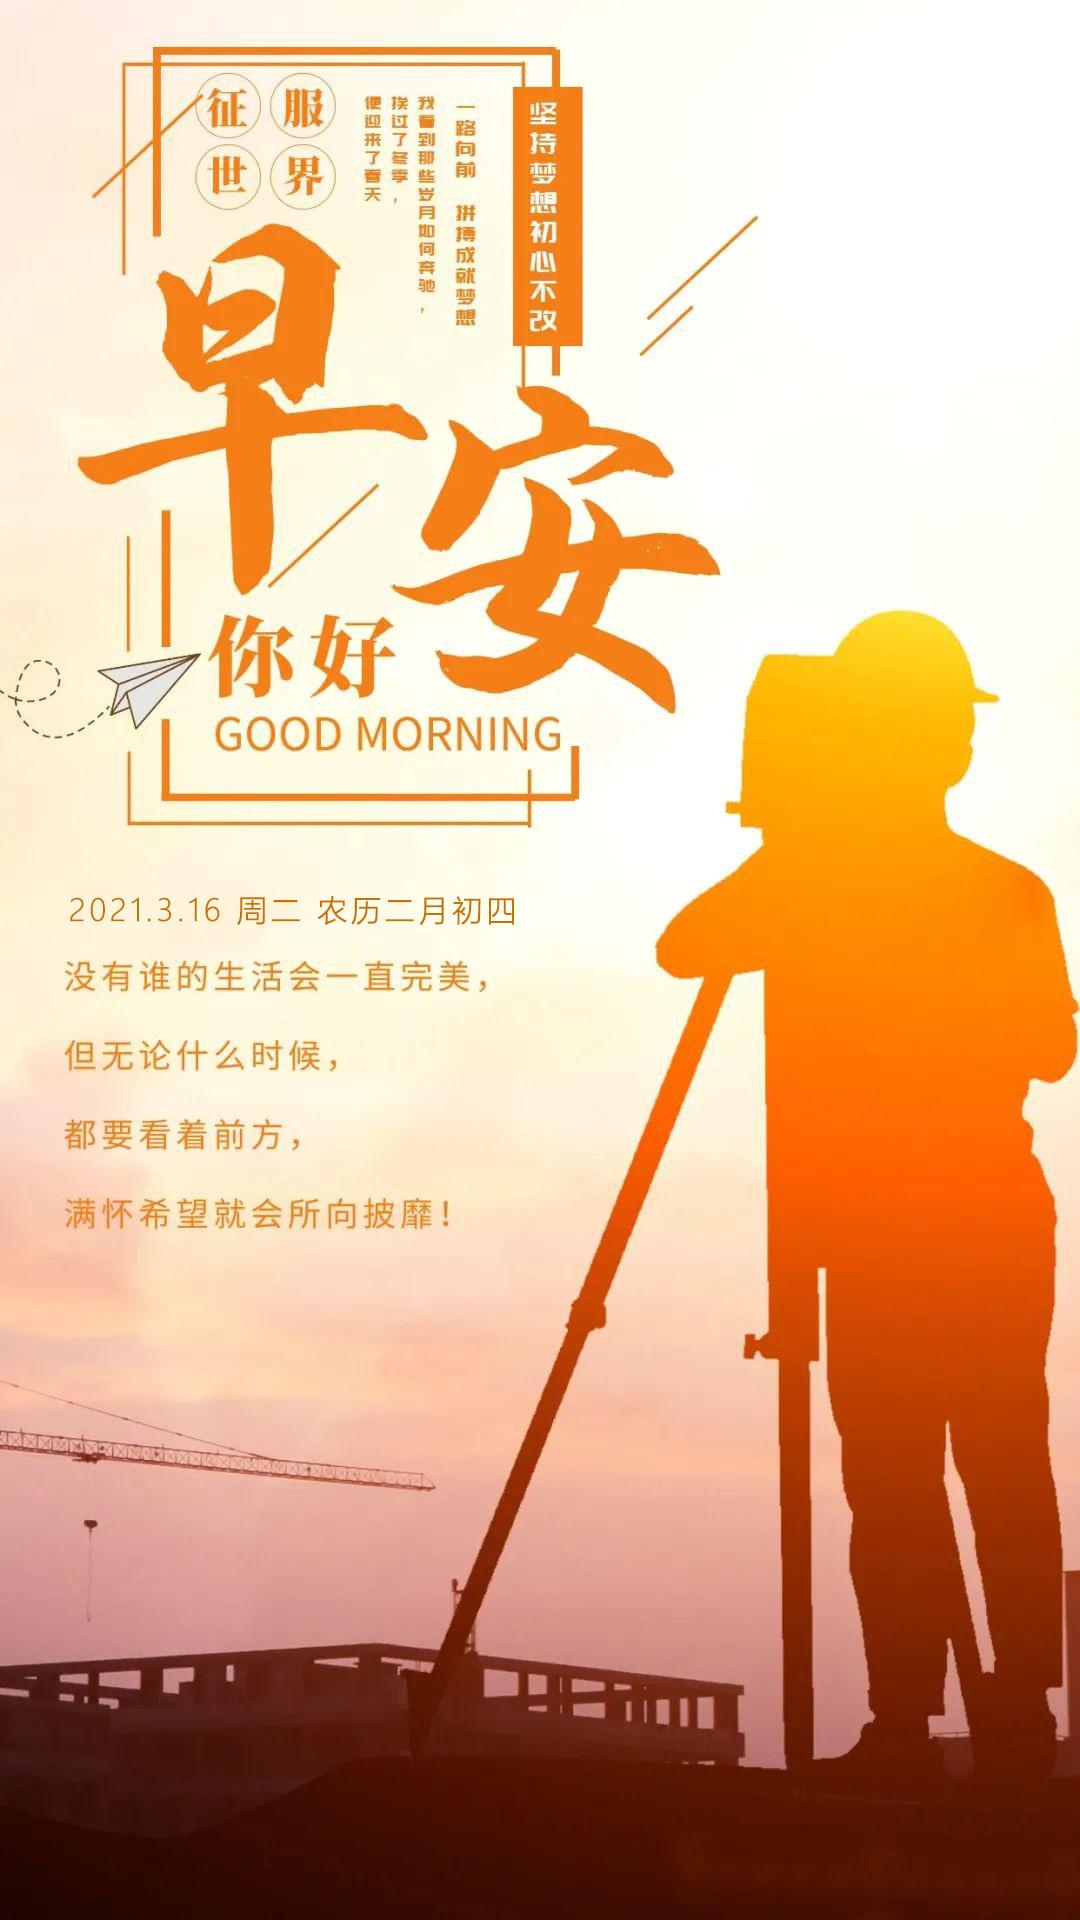 早晨问候语早晨好图片正能量,励志阳光早安语句